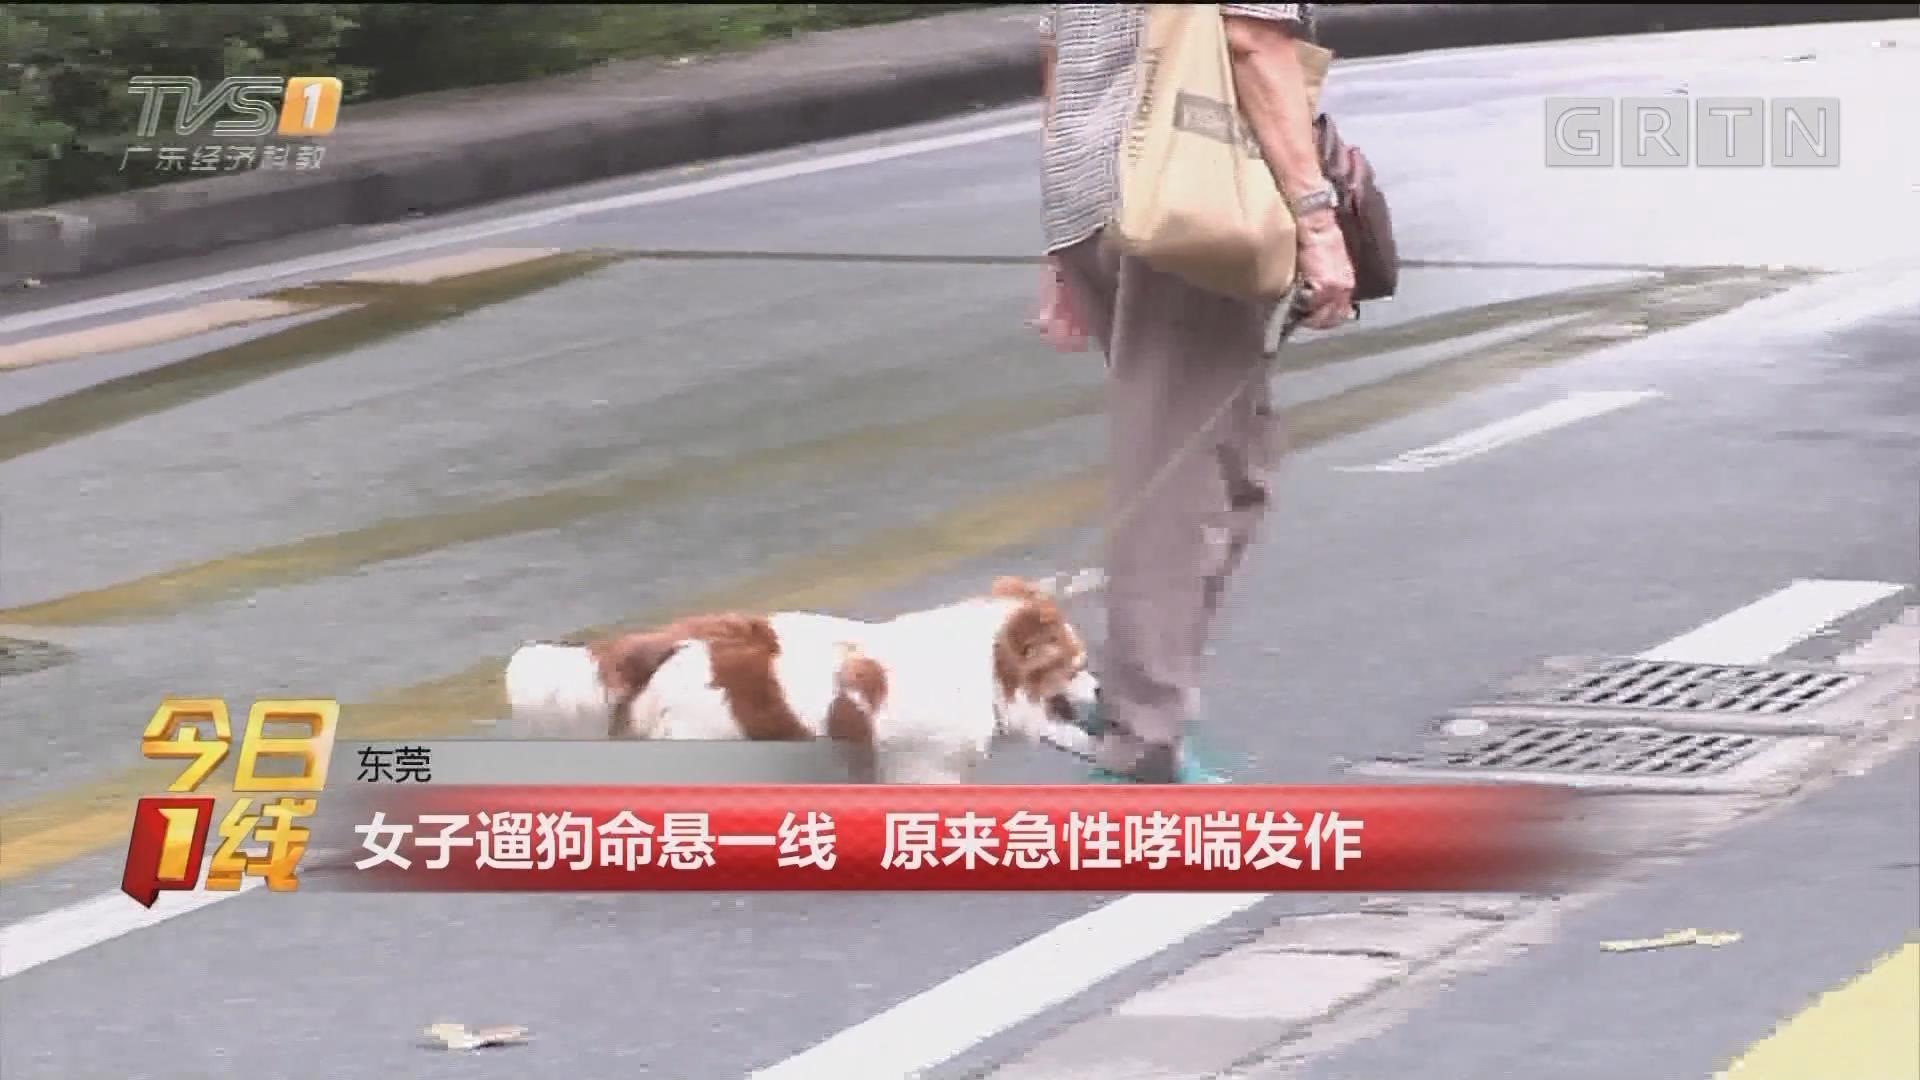 东莞:女子遛狗命悬一线 原来急性哮喘发作